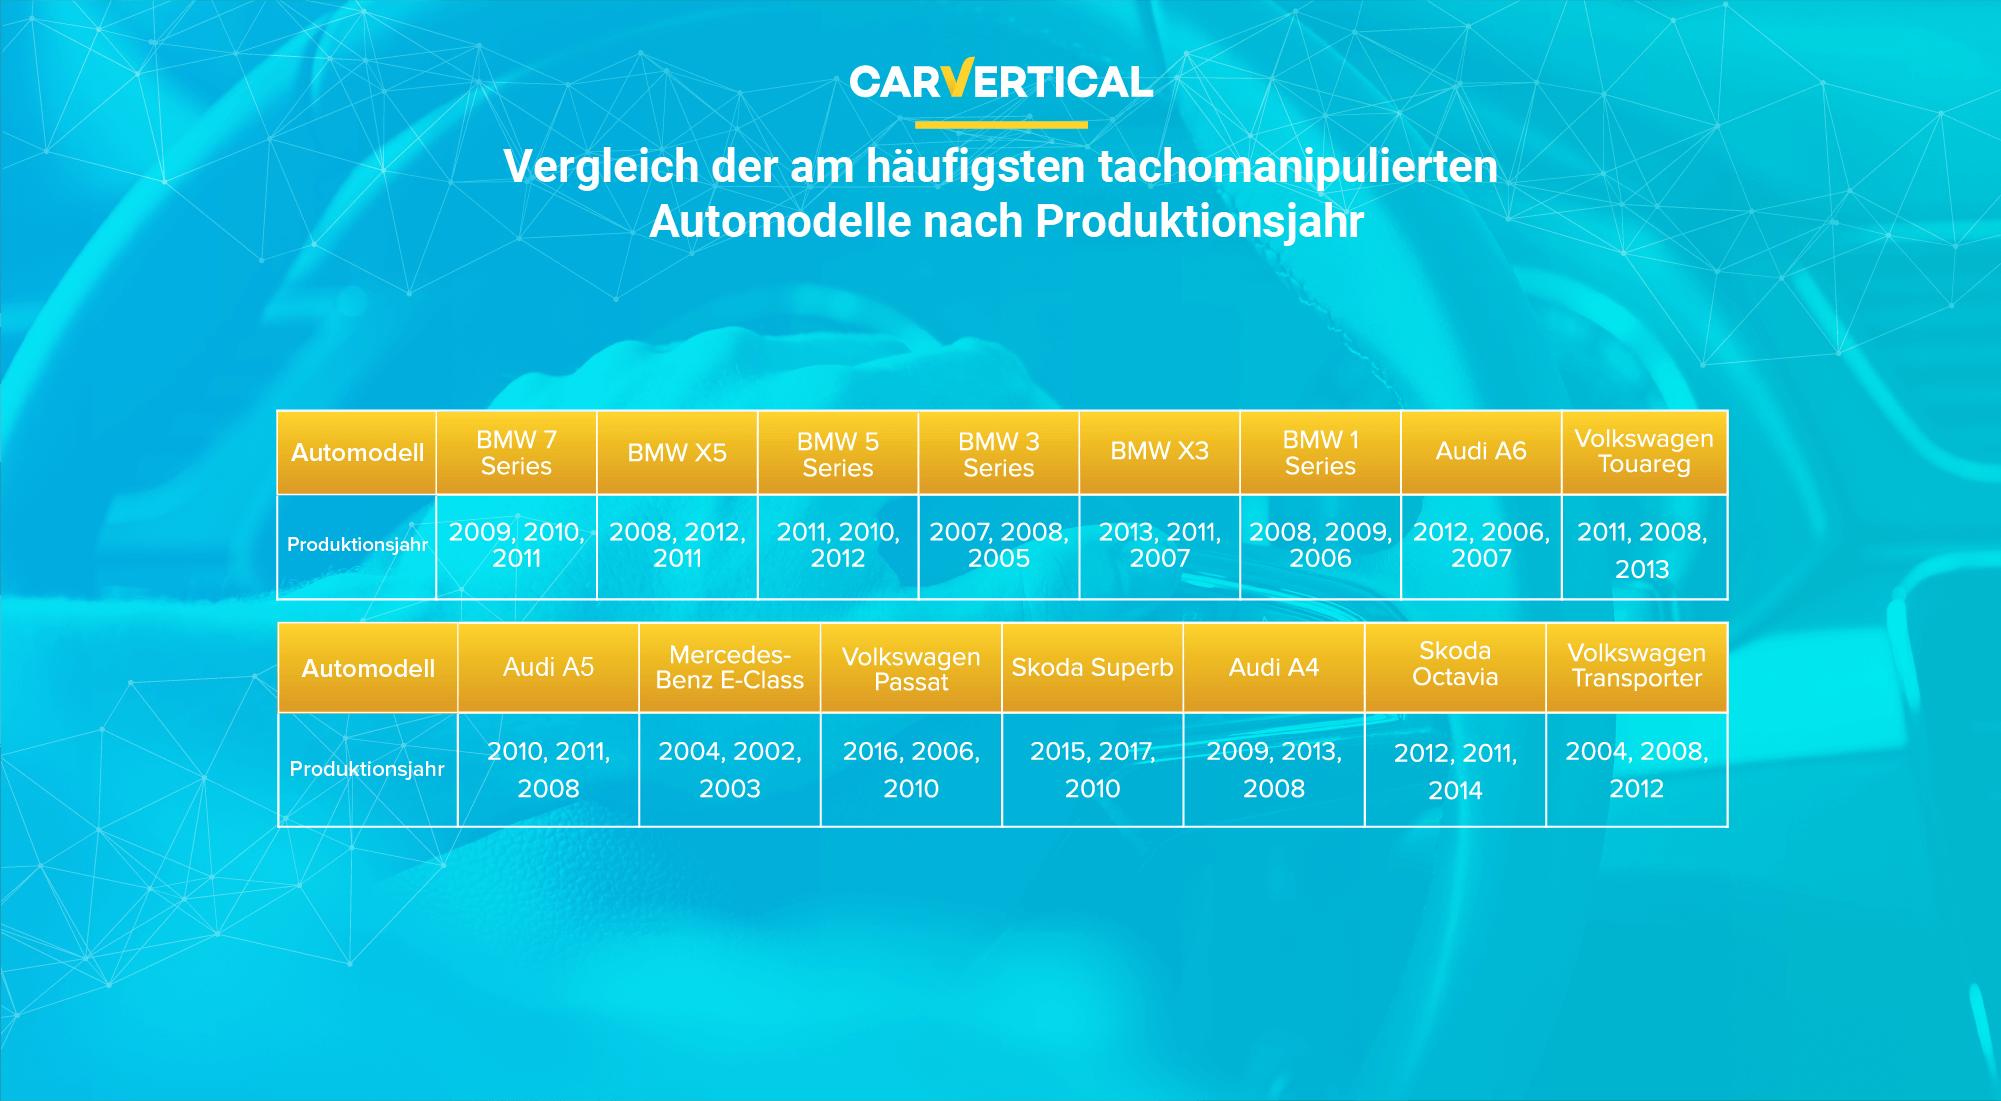 Vergleich der am häufigsten tachomanipulierten Automodelle nach Produktionsjahr